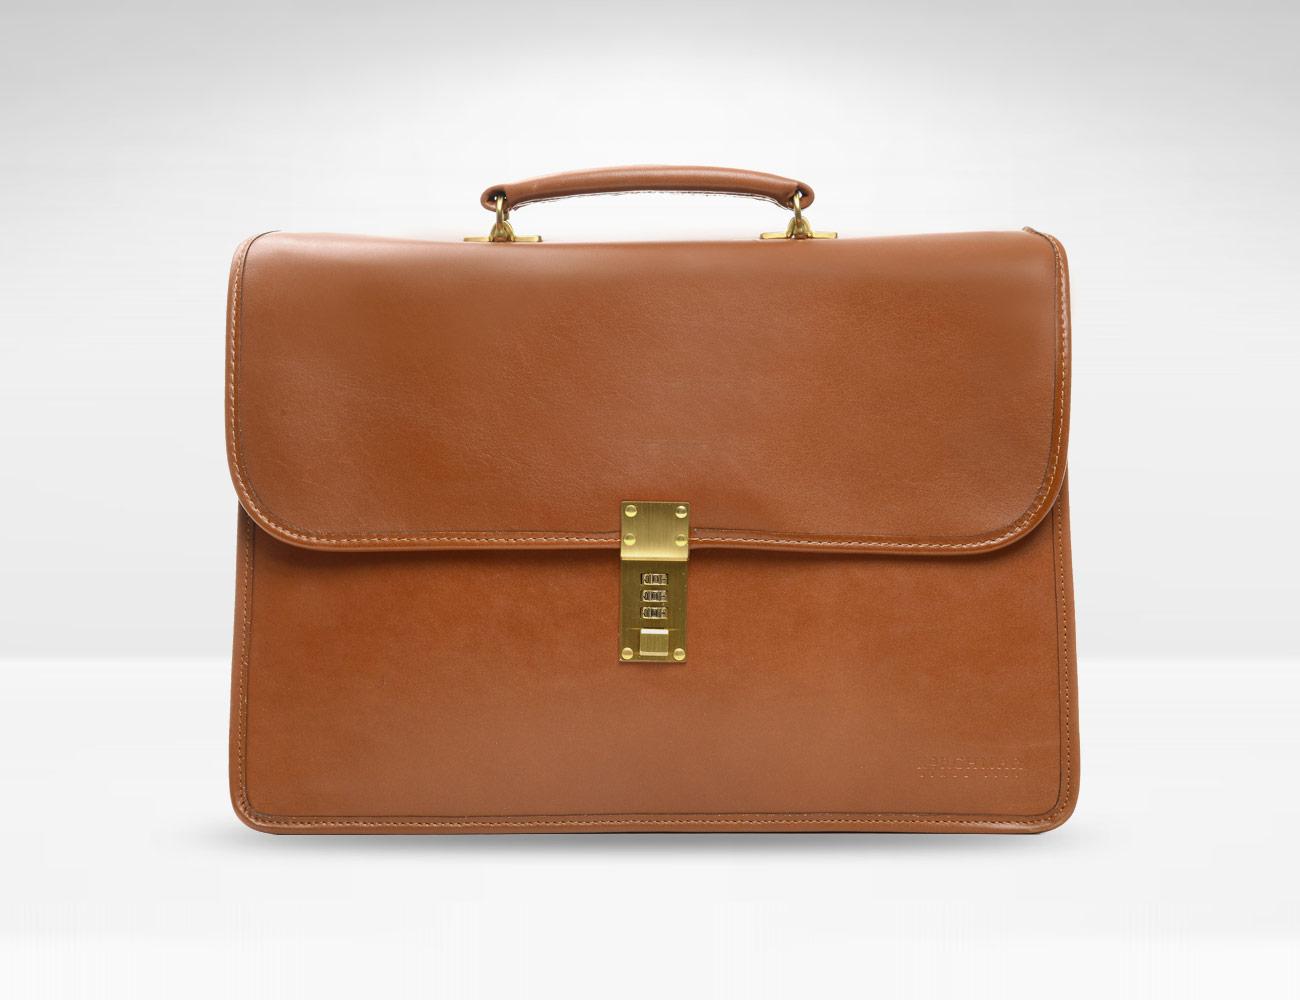 briefcase brands photo - 1